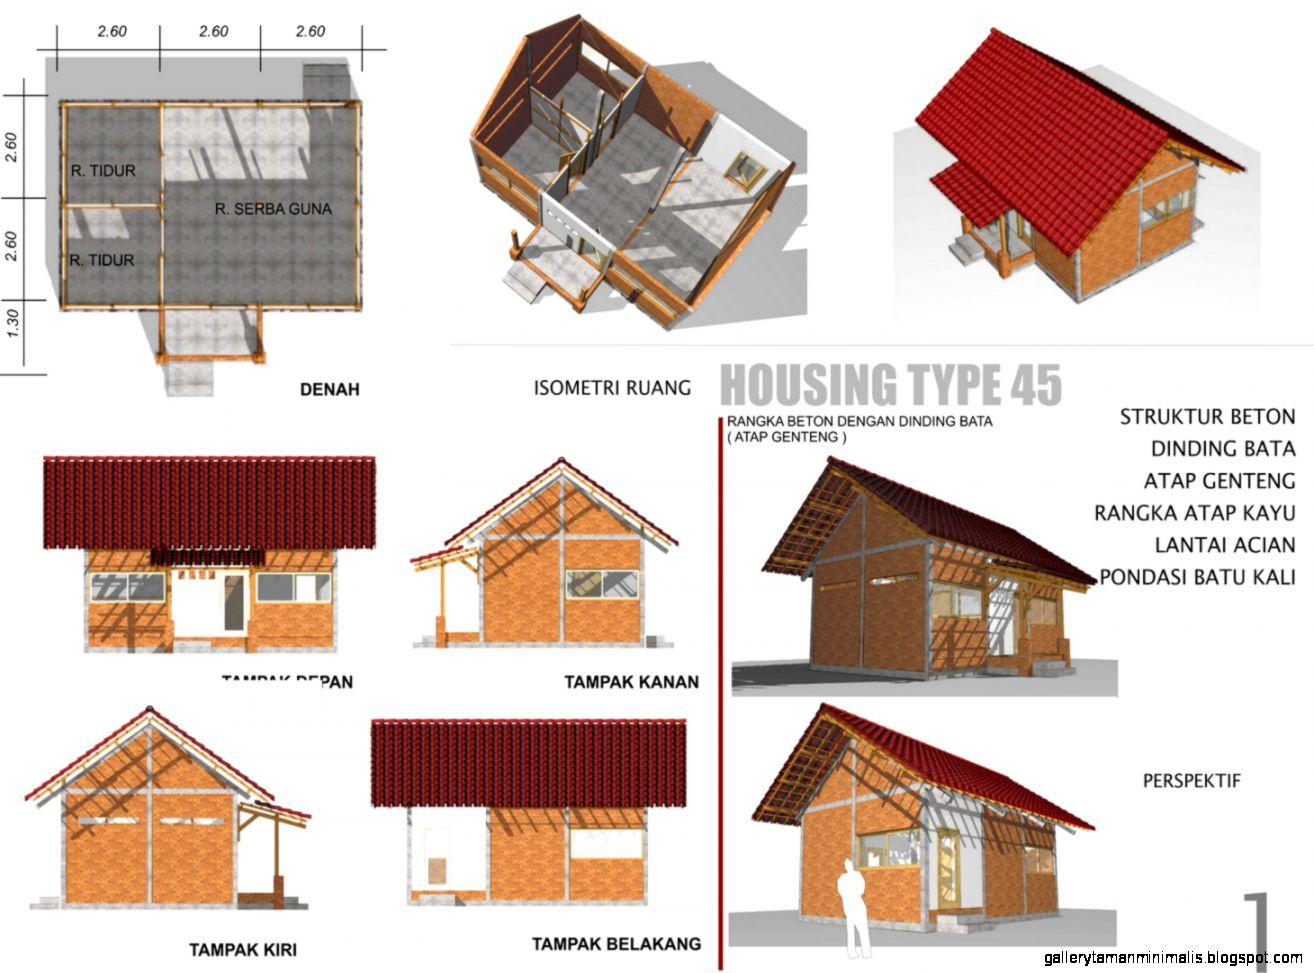 Denah Rumah Kayu Sederhana Desain Rumah Minimalis Terbaru Tahun Ini